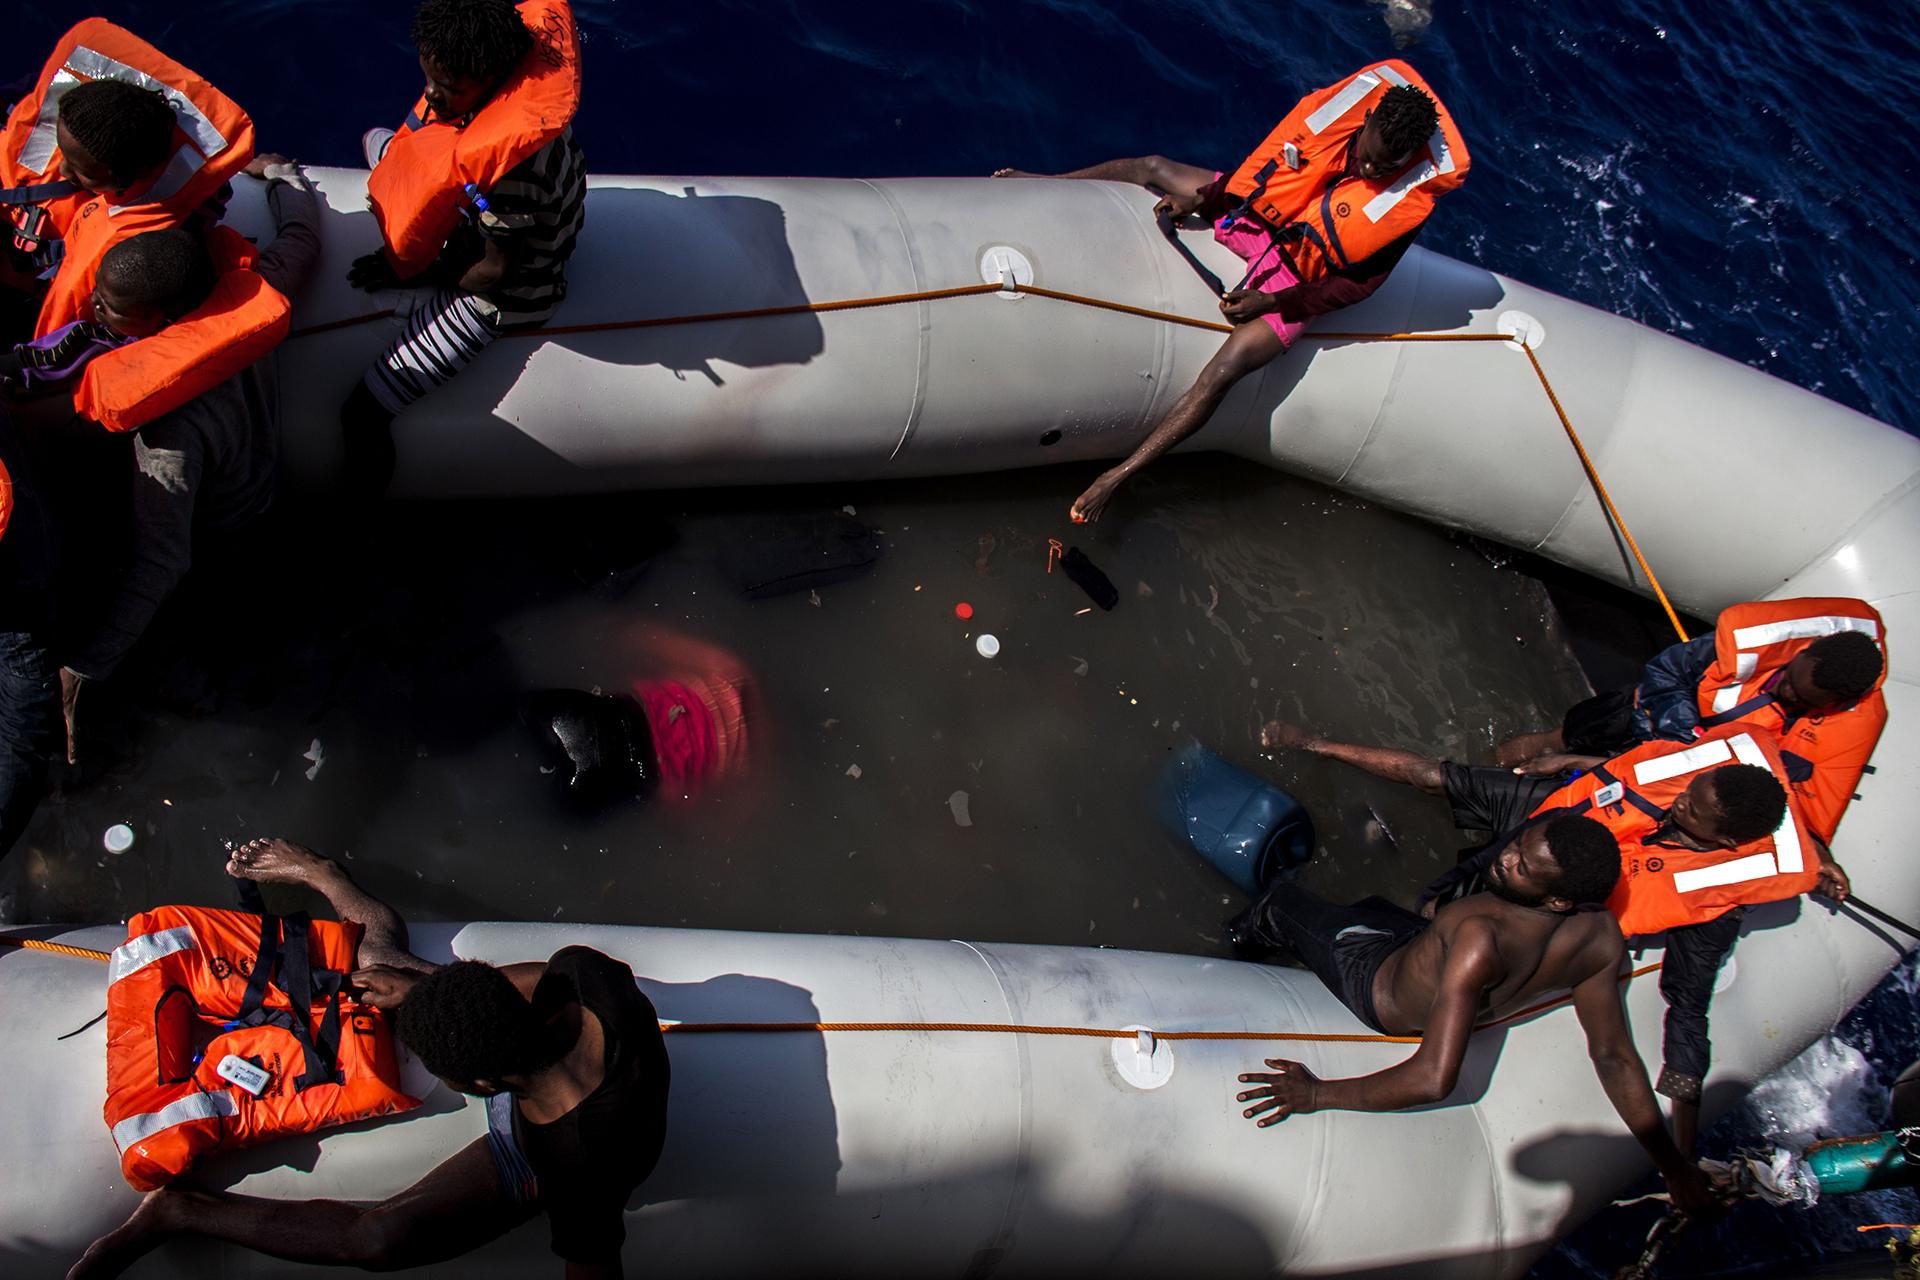 BÚSQUEDA Y RESCATE EN EL MEDITERRÁNEO: Un grupo de personas esperando ser rescatadas de un bote; junto a ellos están los cuerpos de quienes murieron intentando cruzar el mar Mediterráneo. Los equipos de MSF salvaron a 246 personas y encontraron 25 cuerpos sin vida en el bote (© Borja Ruiz Rodriguez)